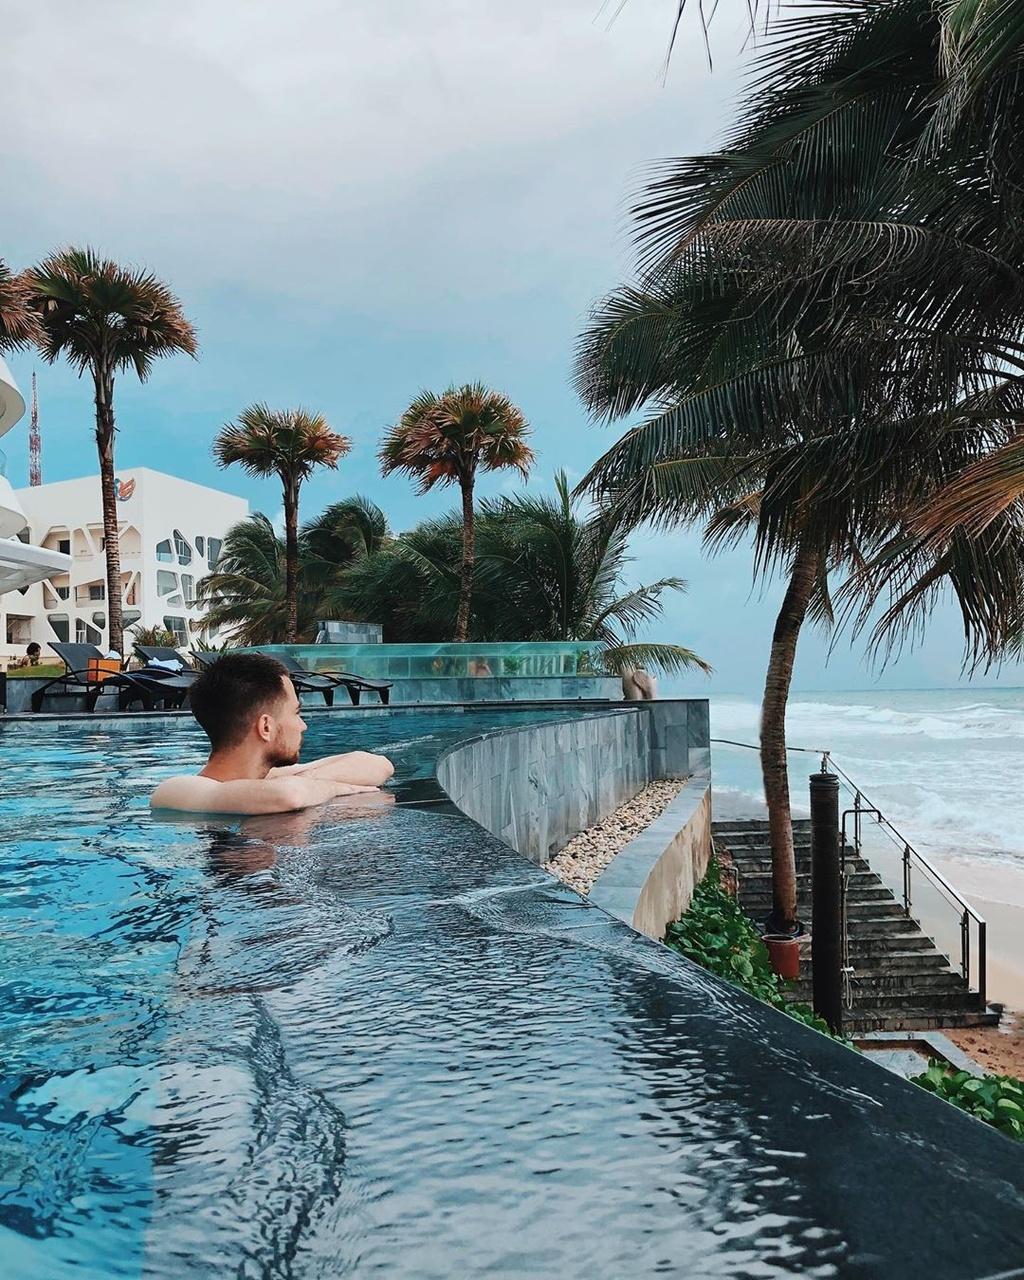 4 resort co ho boi dep tai Phu Quoc hinh anh 6  - 69261797_361087664823680_5087912152130698914_n - 4 resort có hồ bơi đẹp tại Phú Quốc